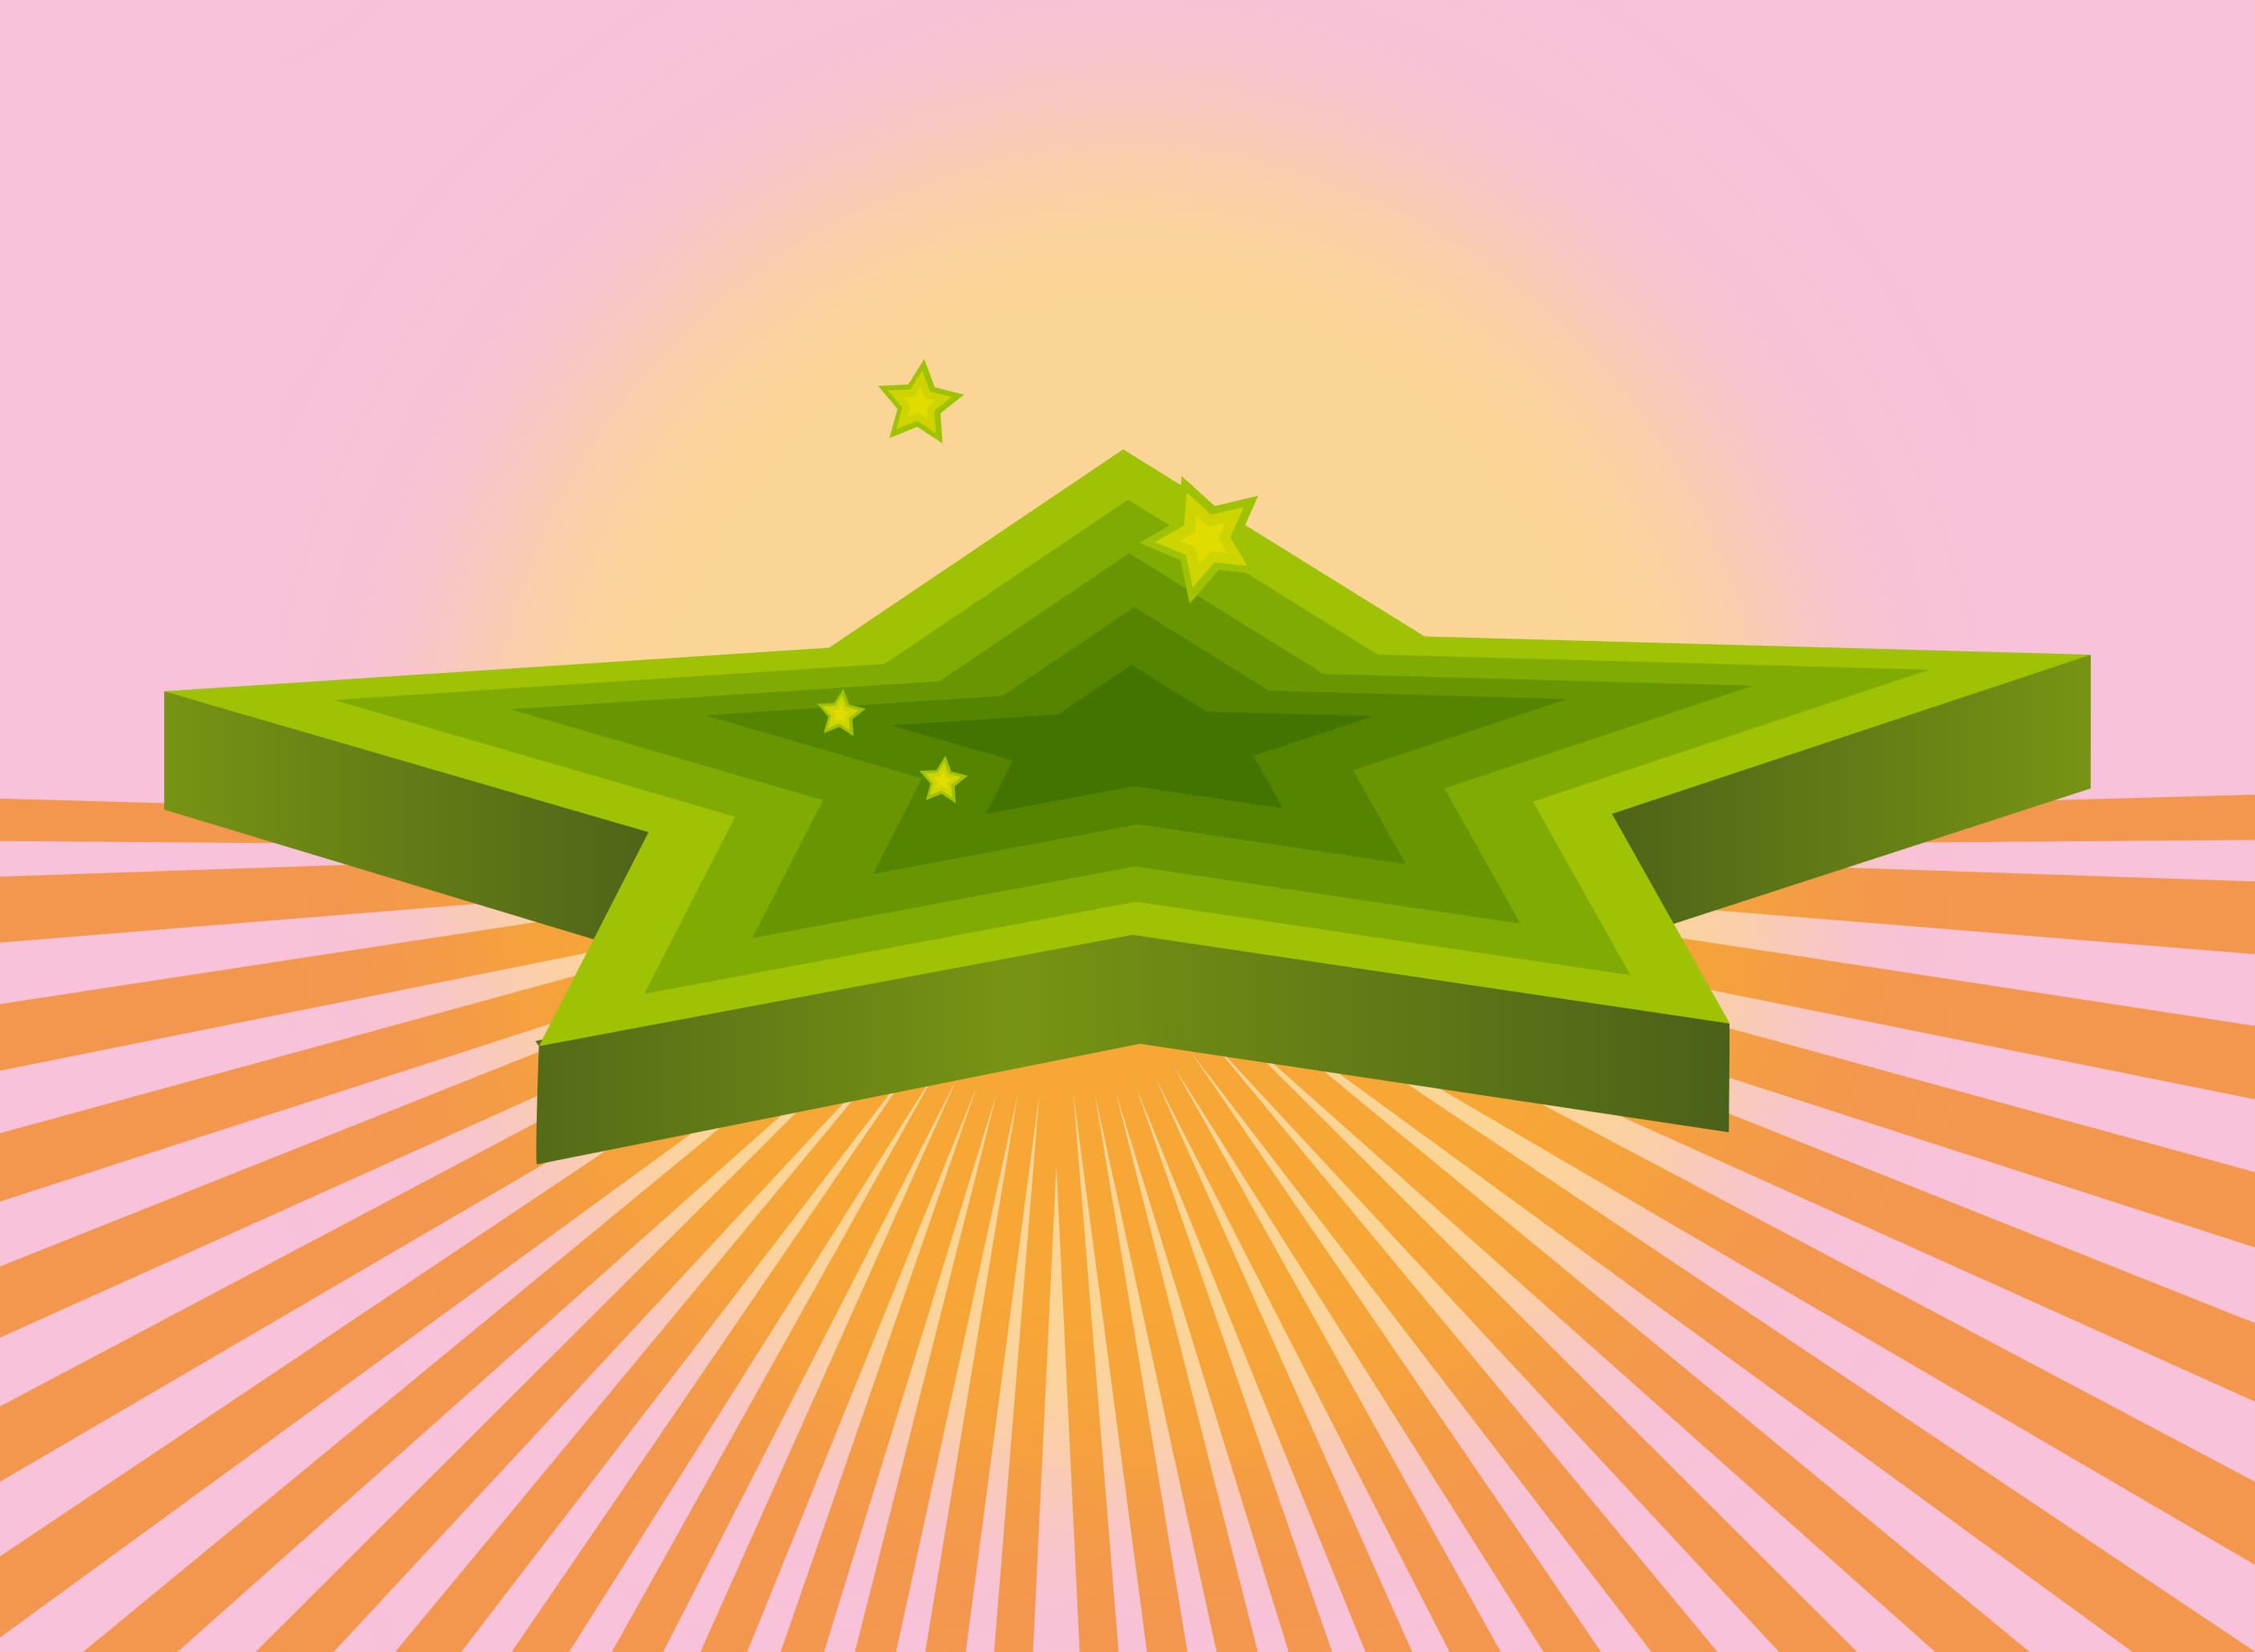 star vectors11